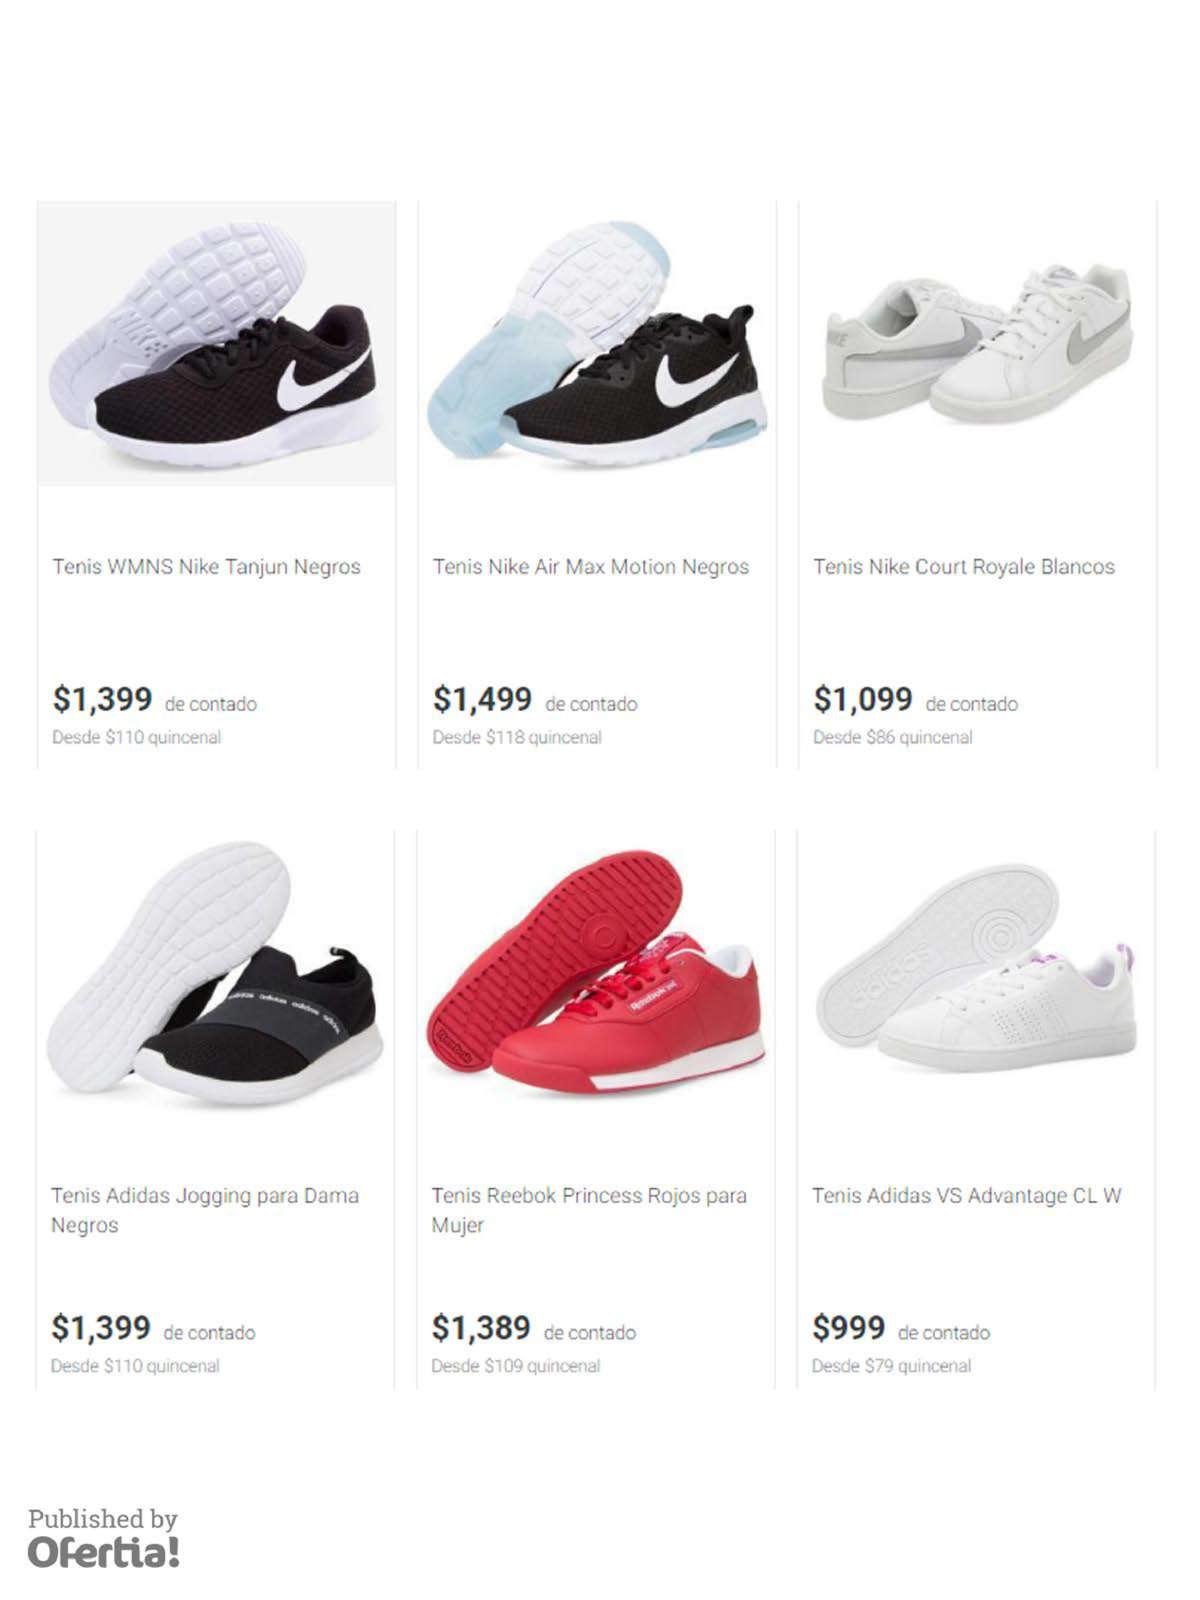 online store 4e556 3971d Marcas zapatillas en Miguel Hidalgo - Catálogos, ofertas y tiendas donde  comprar barato  Ofertia